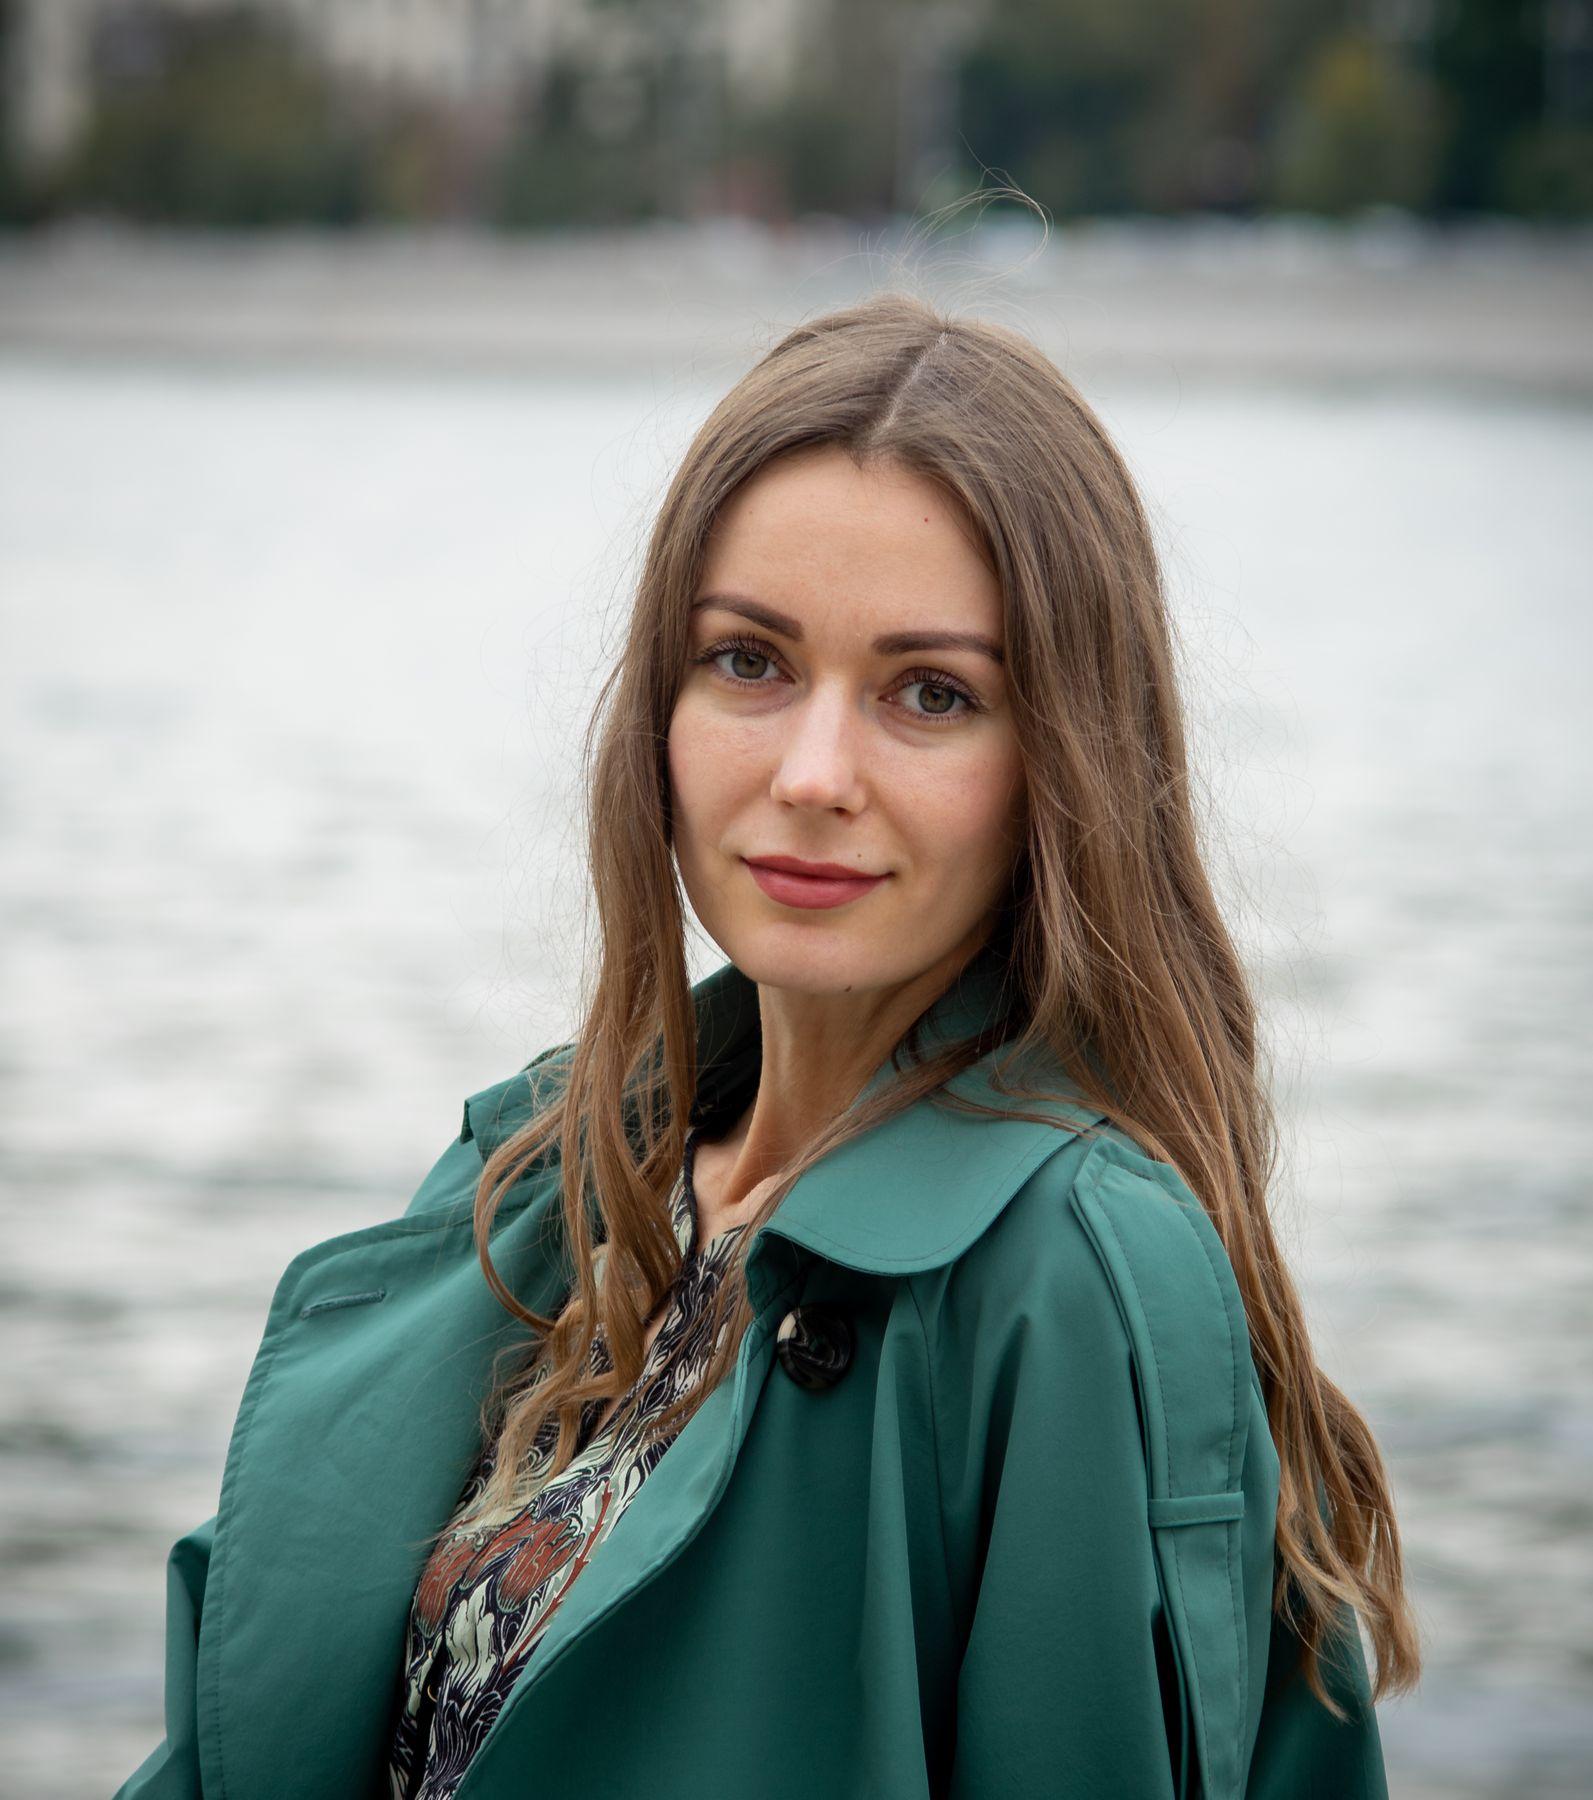 Ирина Стрит красивая девушка женский портрет фотосессия концептуальное